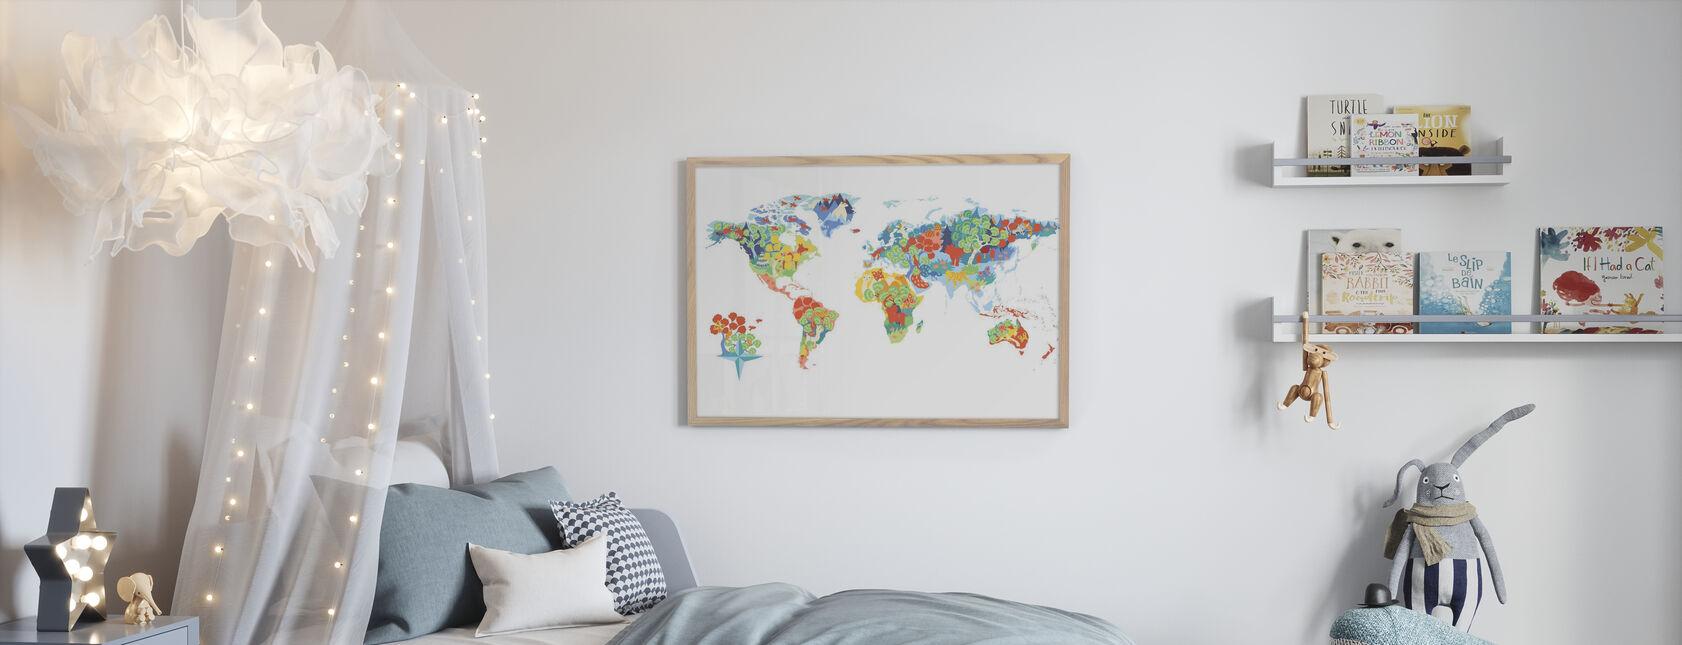 Monde merveilleux - Affiche - Chambre des enfants